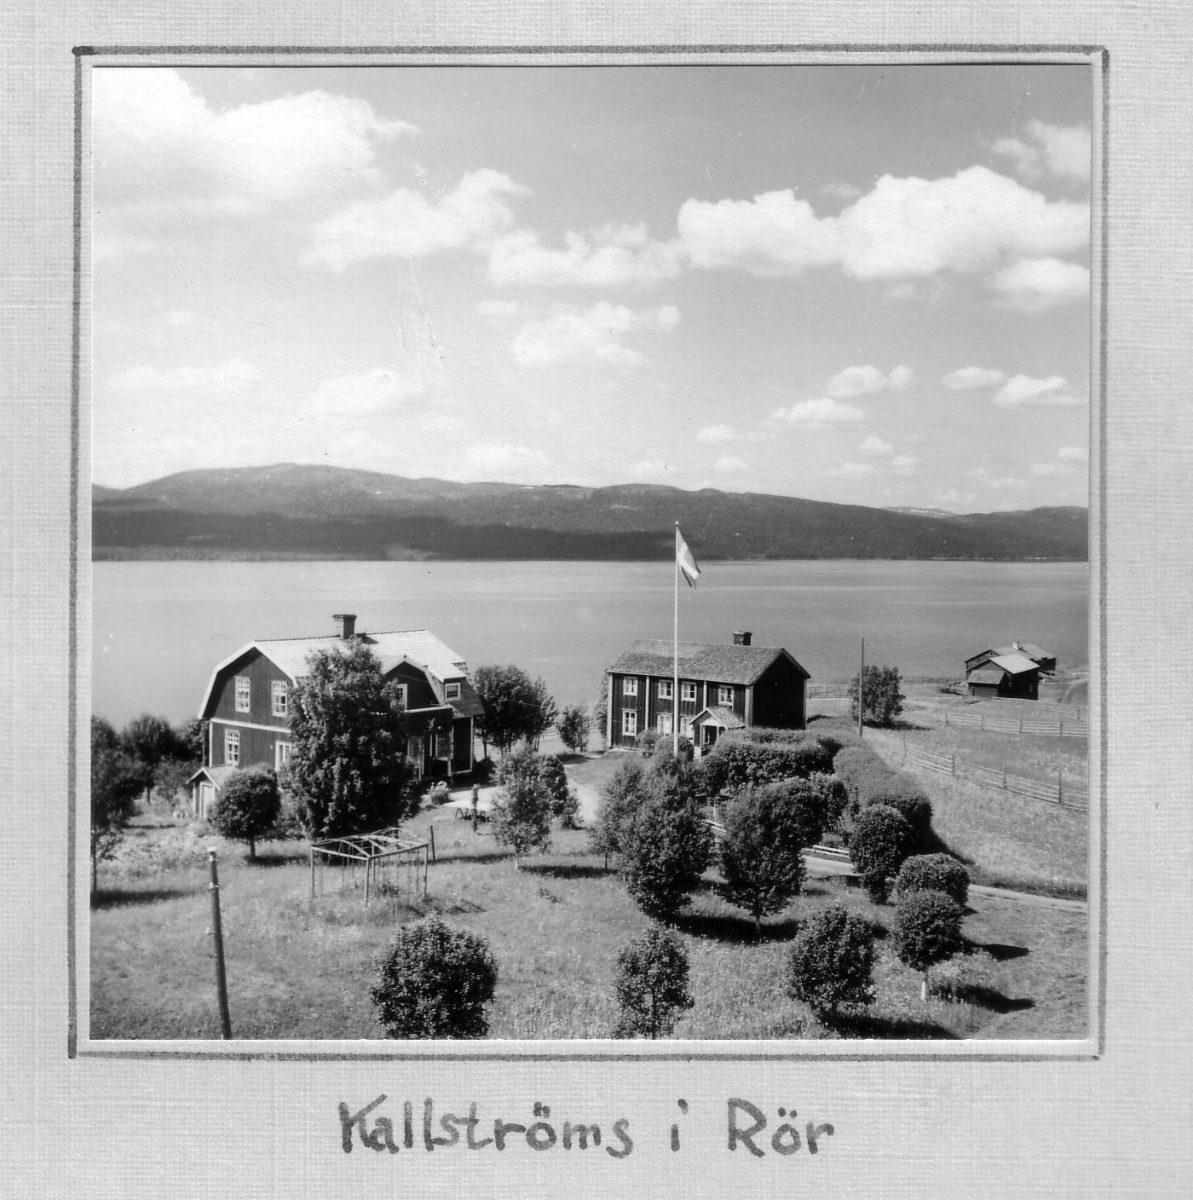 S.50 Kallströms i Rör